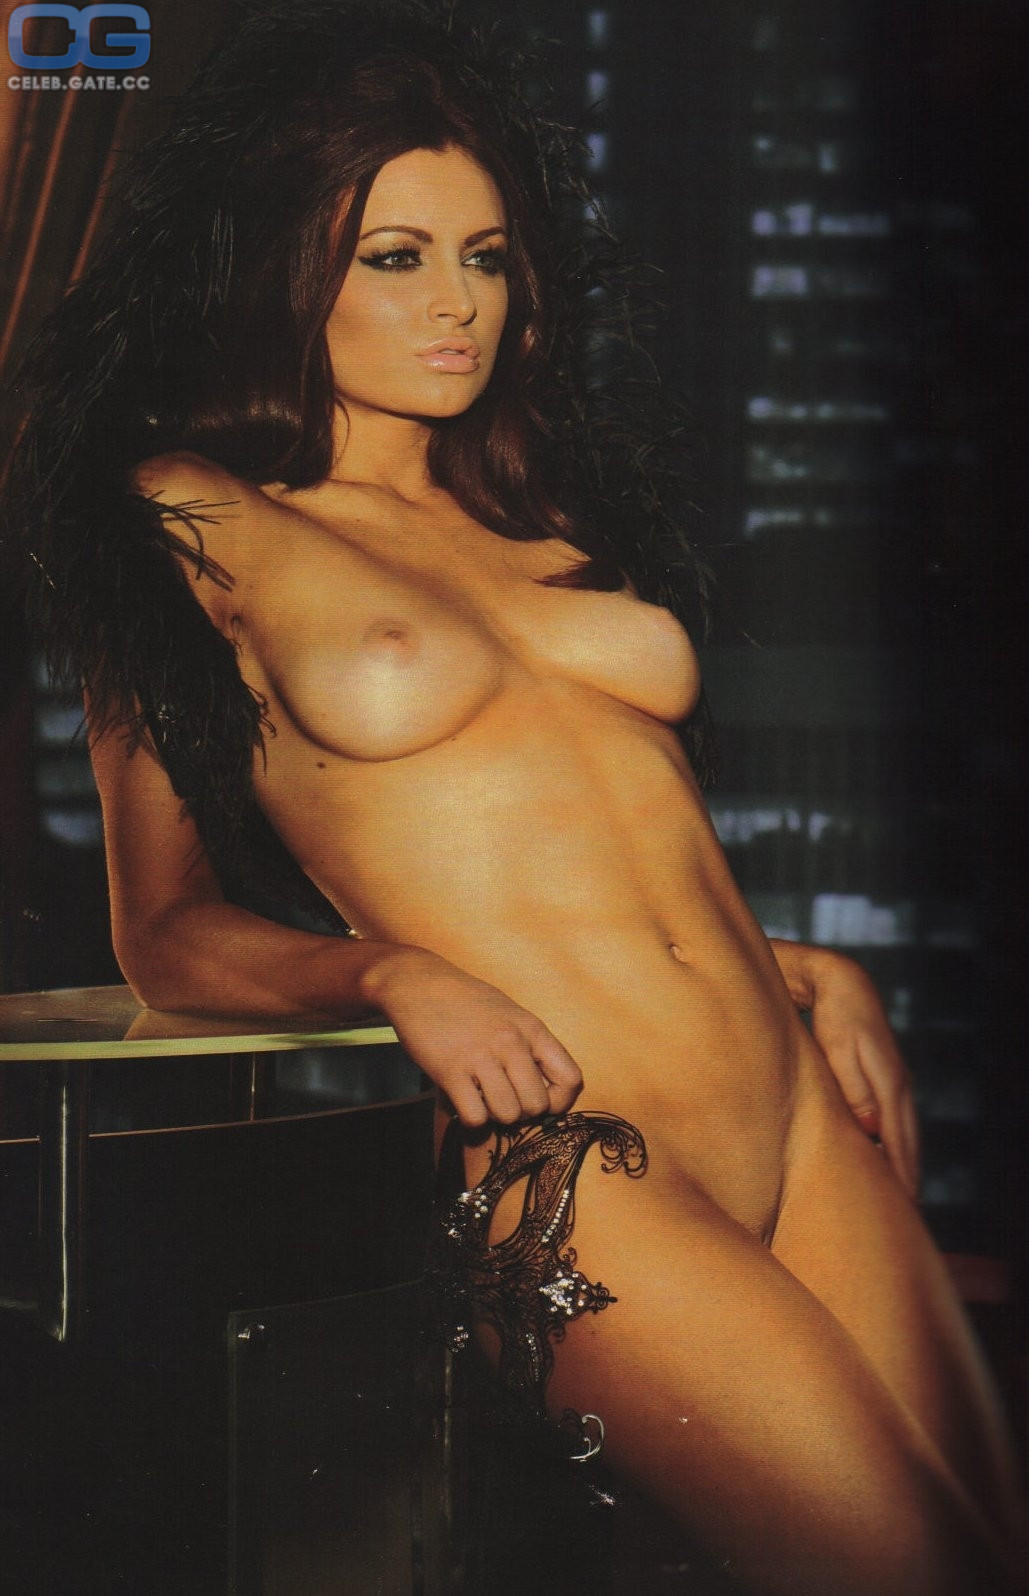 Maria kanellis playboy photos